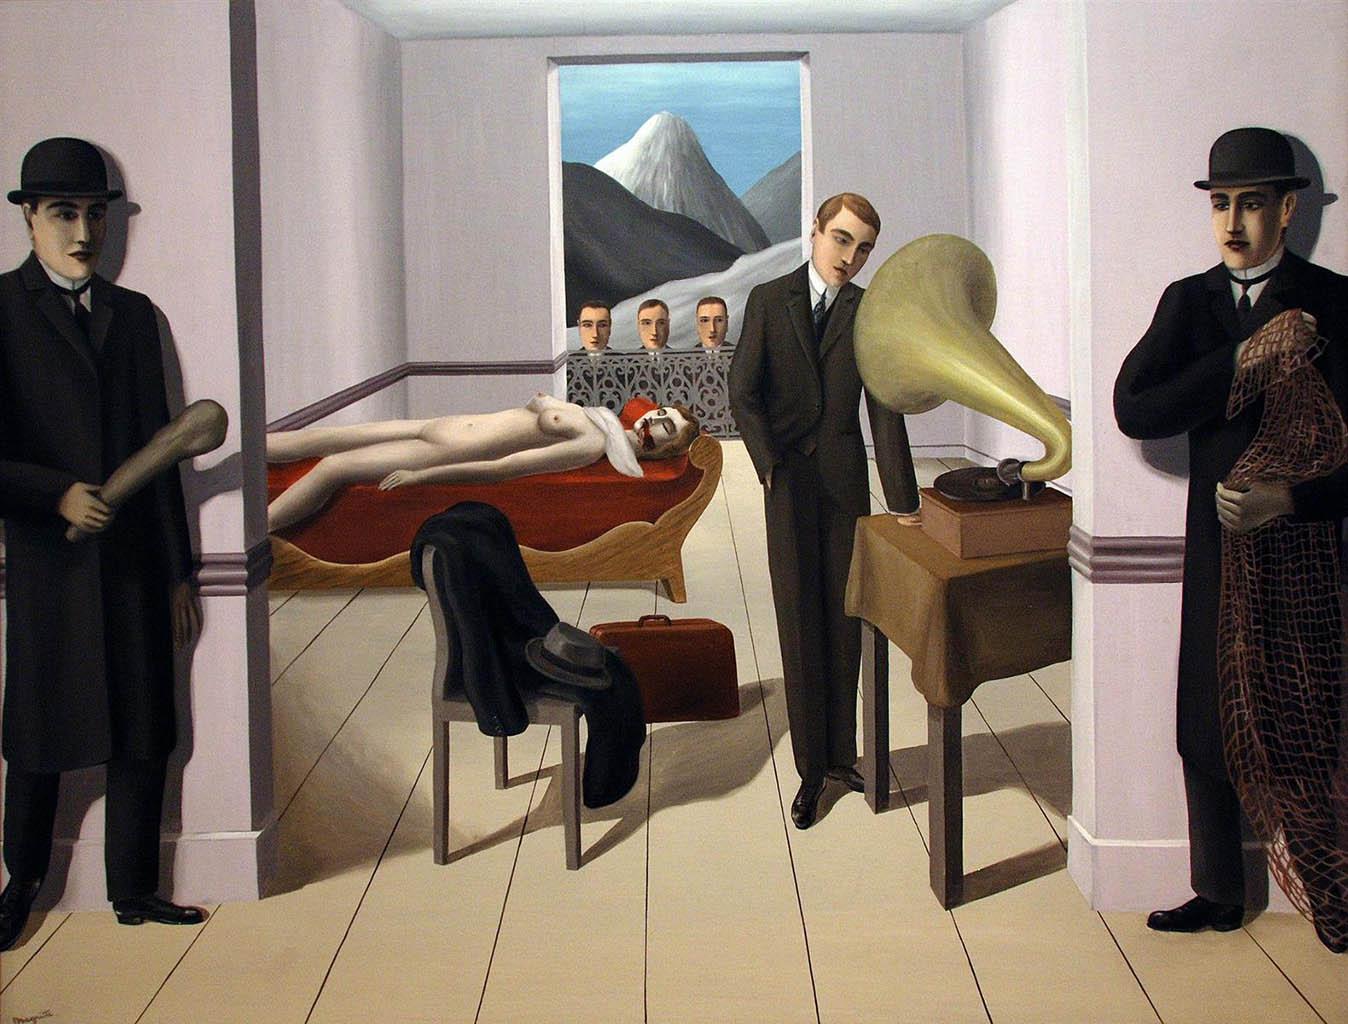 """Рене Магритт (Rene Magritte), """"The menaced assassin"""""""